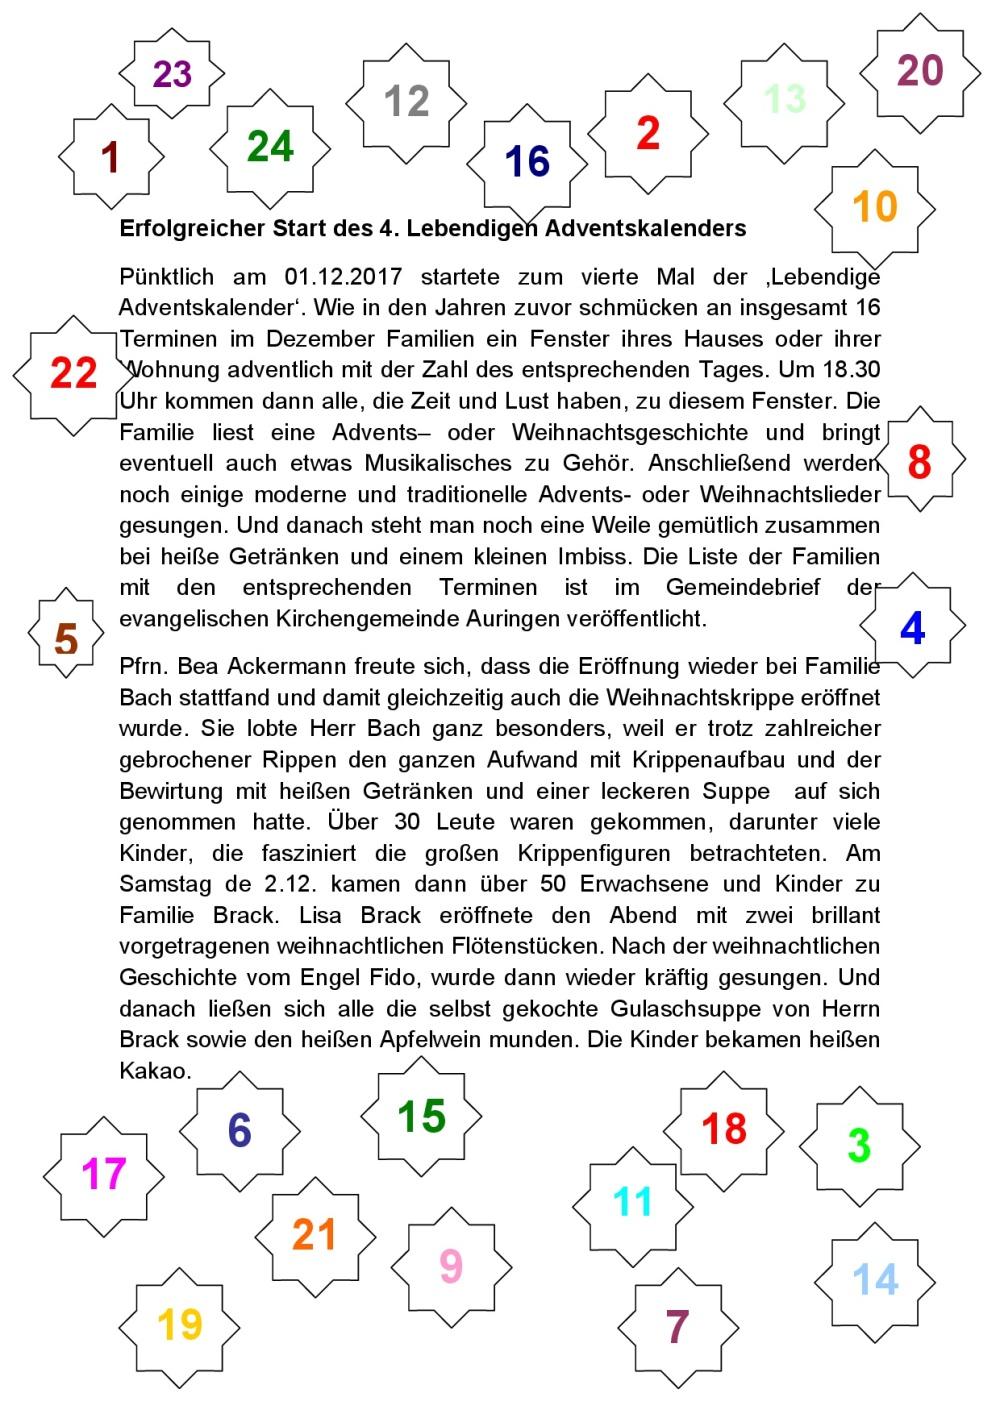 2017-12-01 Eröffnung Leb. Adv.kalender 2017-001